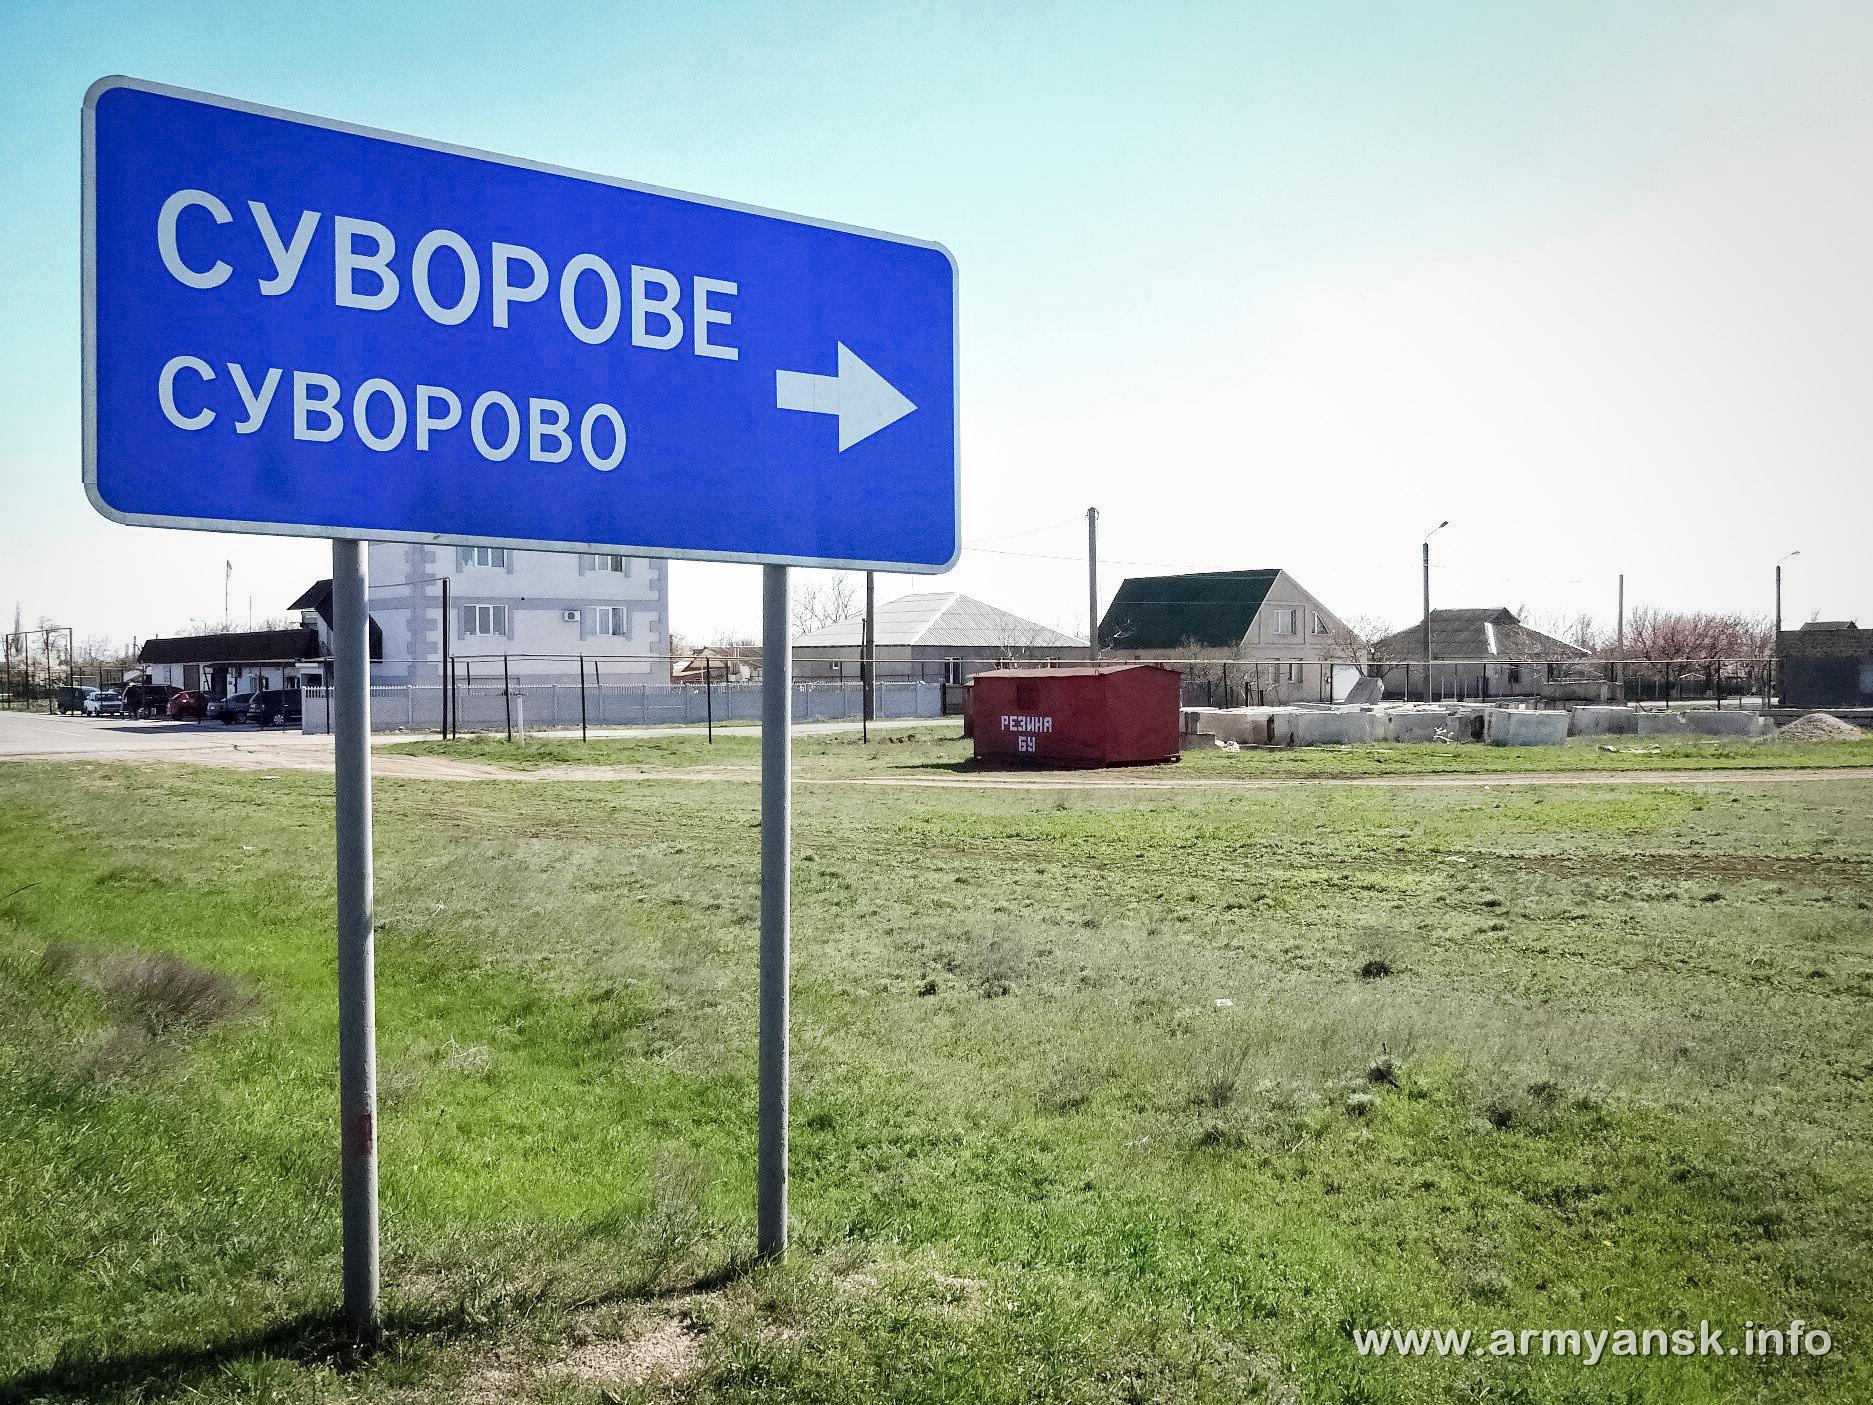 Дорожный указатель наСуворово— нарусском иукраинском